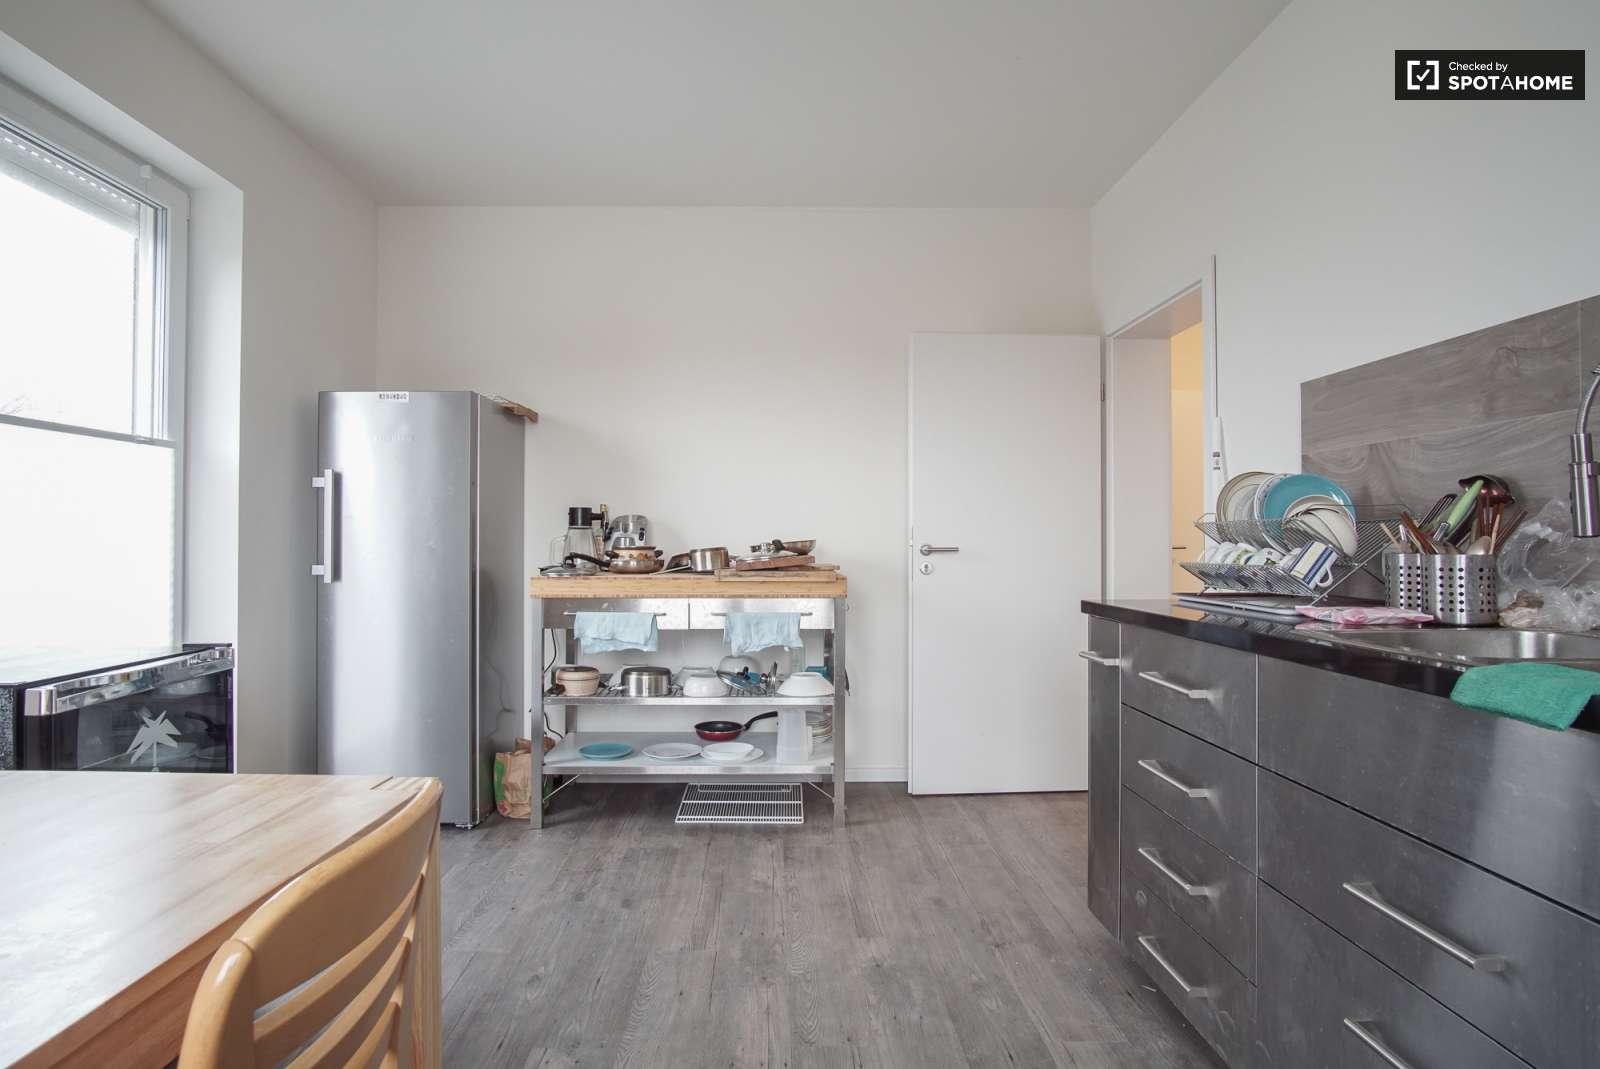 Rooms for rent in 14-bedroom residence in Mahlow, Berlin (ref ...